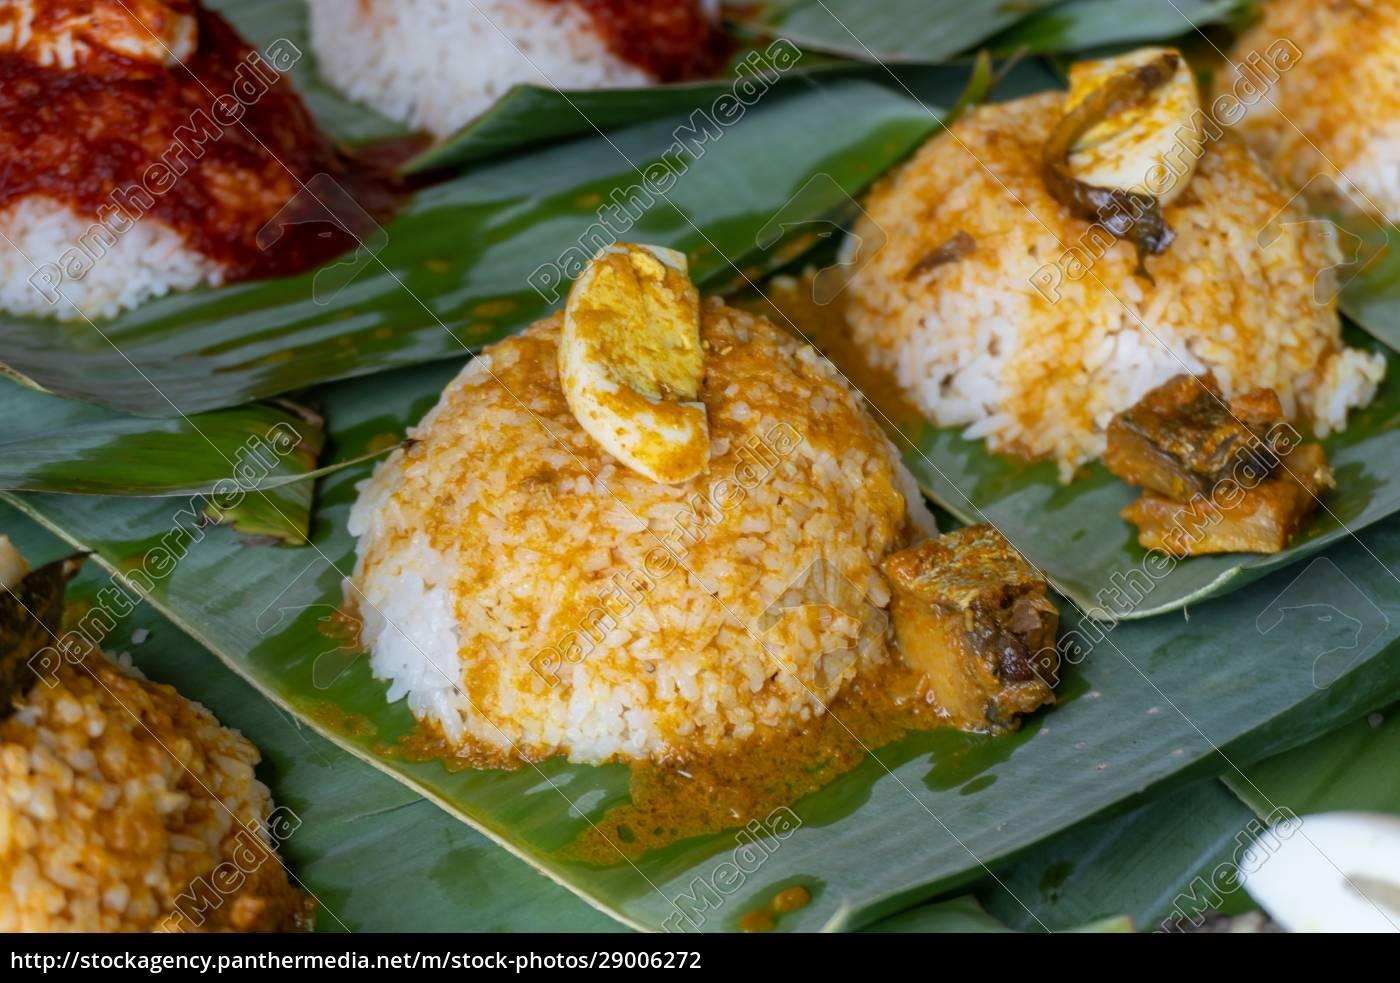 close, up, nasi, lemak, with, sauce - 29006272